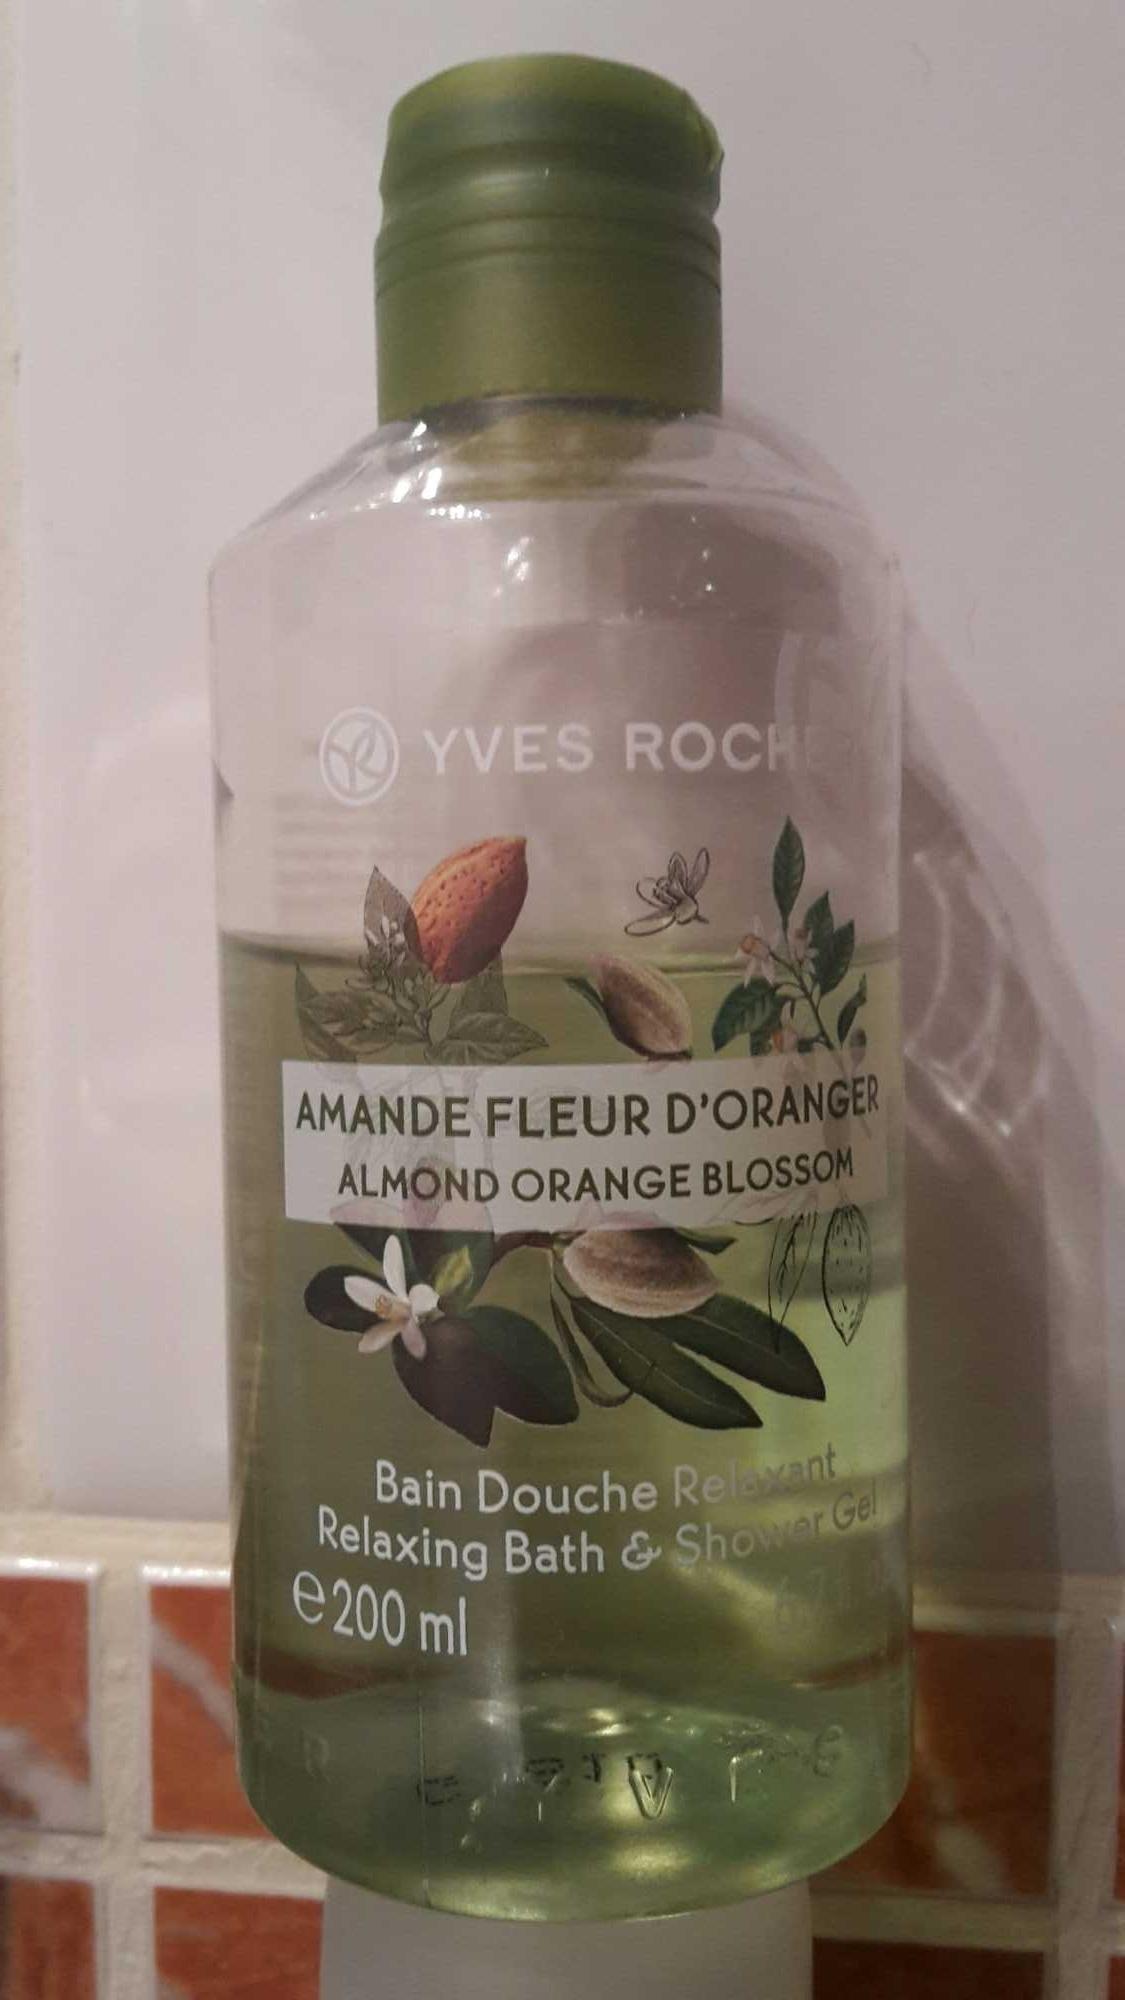 Vain douche relaxant Amande Fleur d'oranger - Product